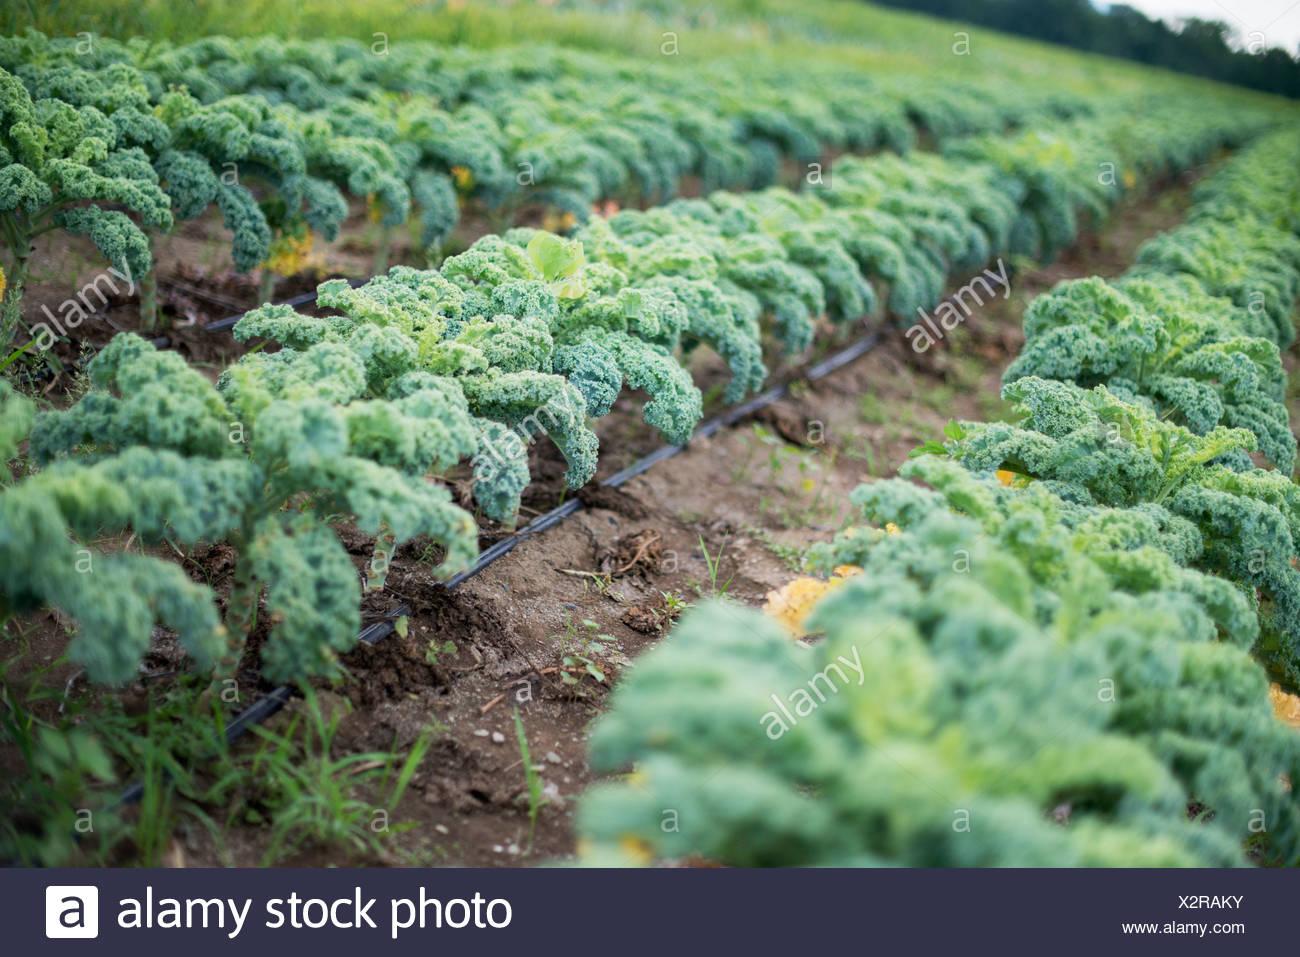 Reihen von lockigen grünen Gemüsepflanzen wachsen auf einem Bio-Bauernhof. Stockbild